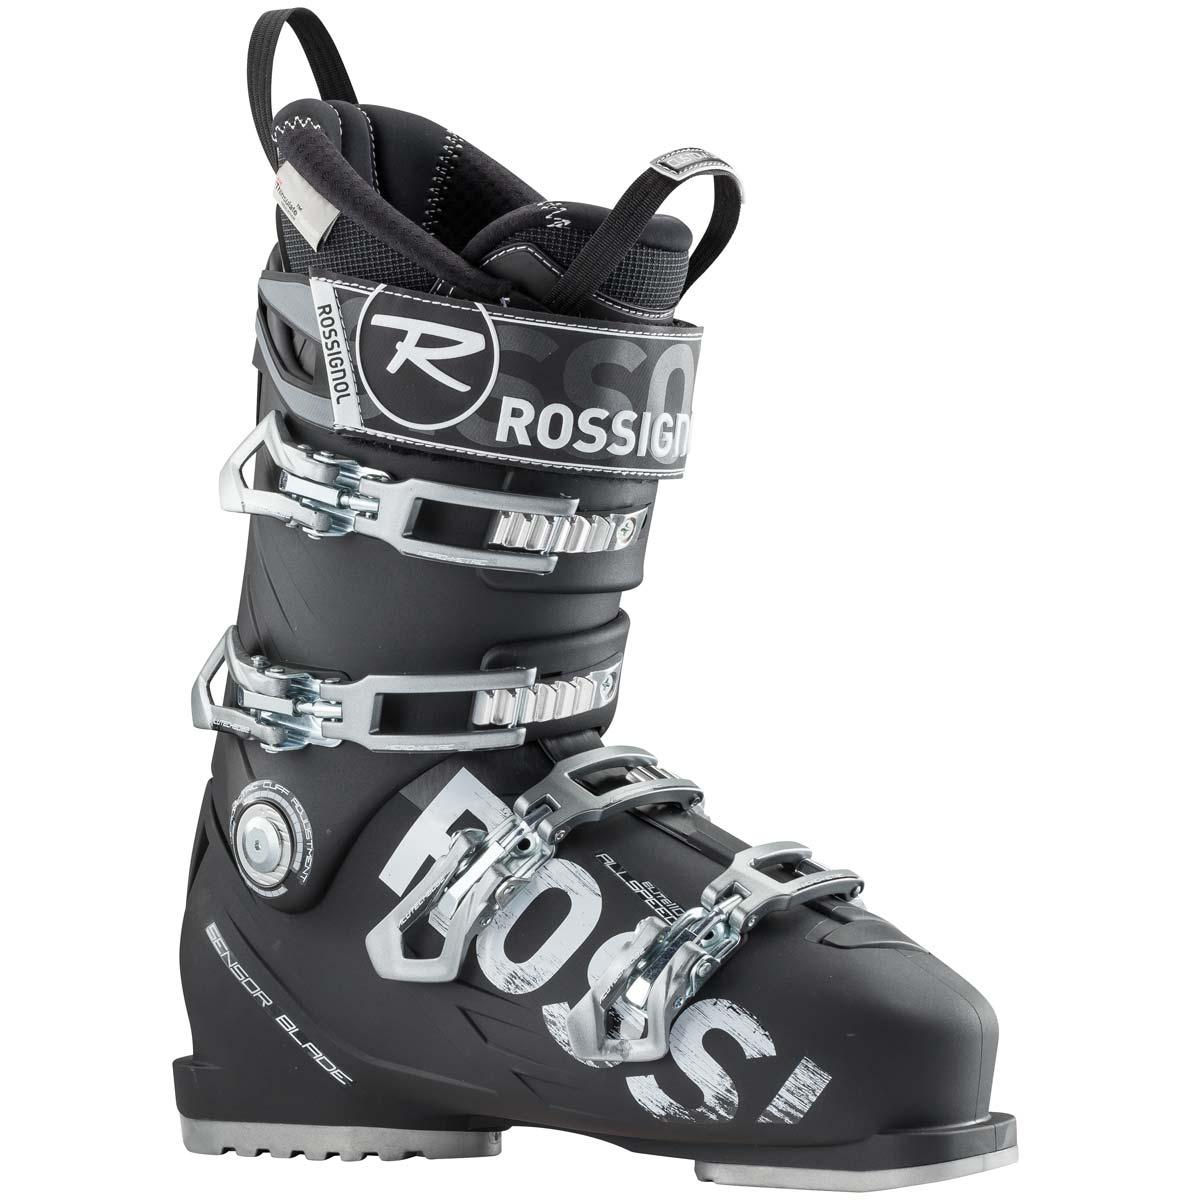 Rossignol Men S Allspeed Elite 110 Ski Boots On Sale